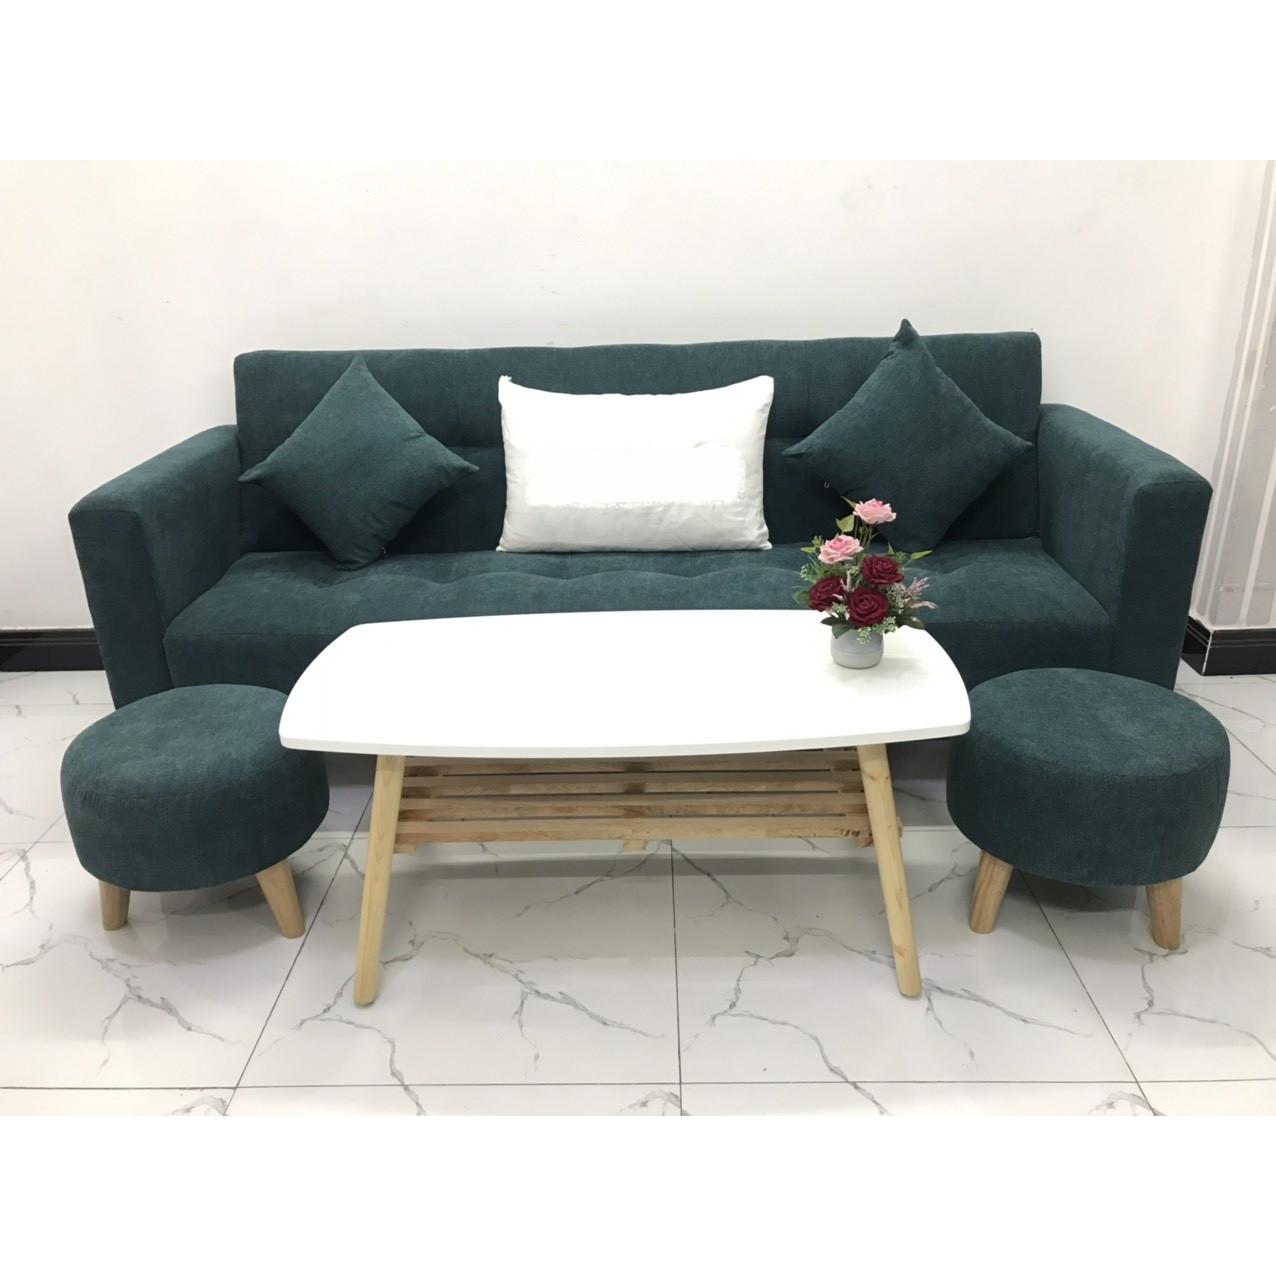 Bộ ghế sofa giường 2mx90 sofa bed tay vịn phòng khách sopha linco09